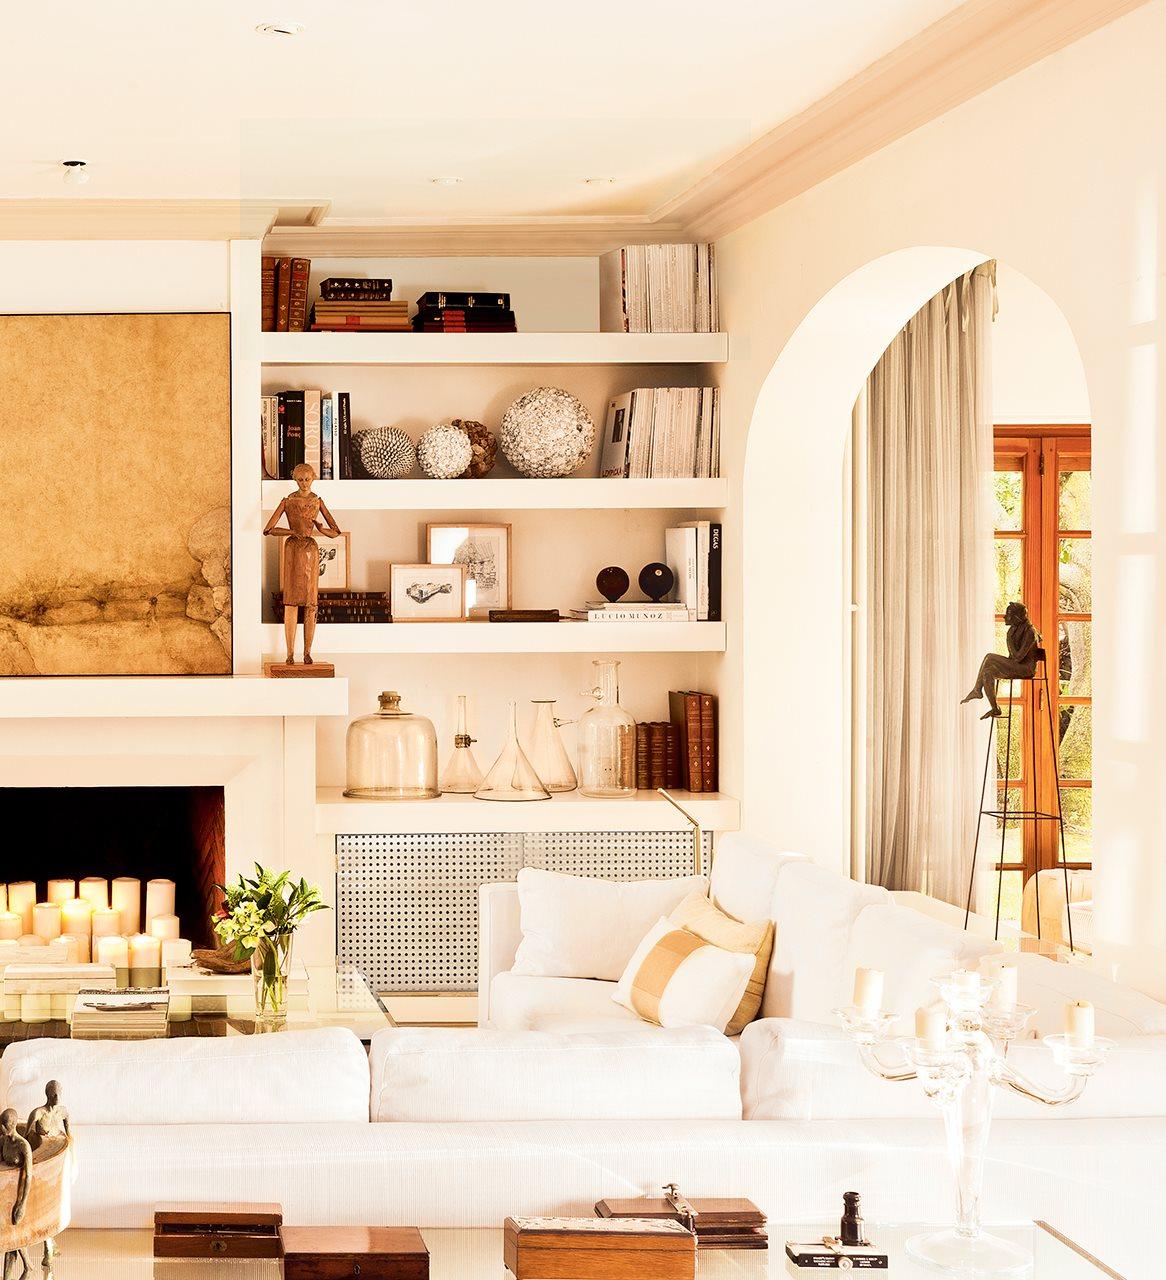 Renovar la decoracaci n sin hacer reformas - Muebles la chimenea catalogo ...